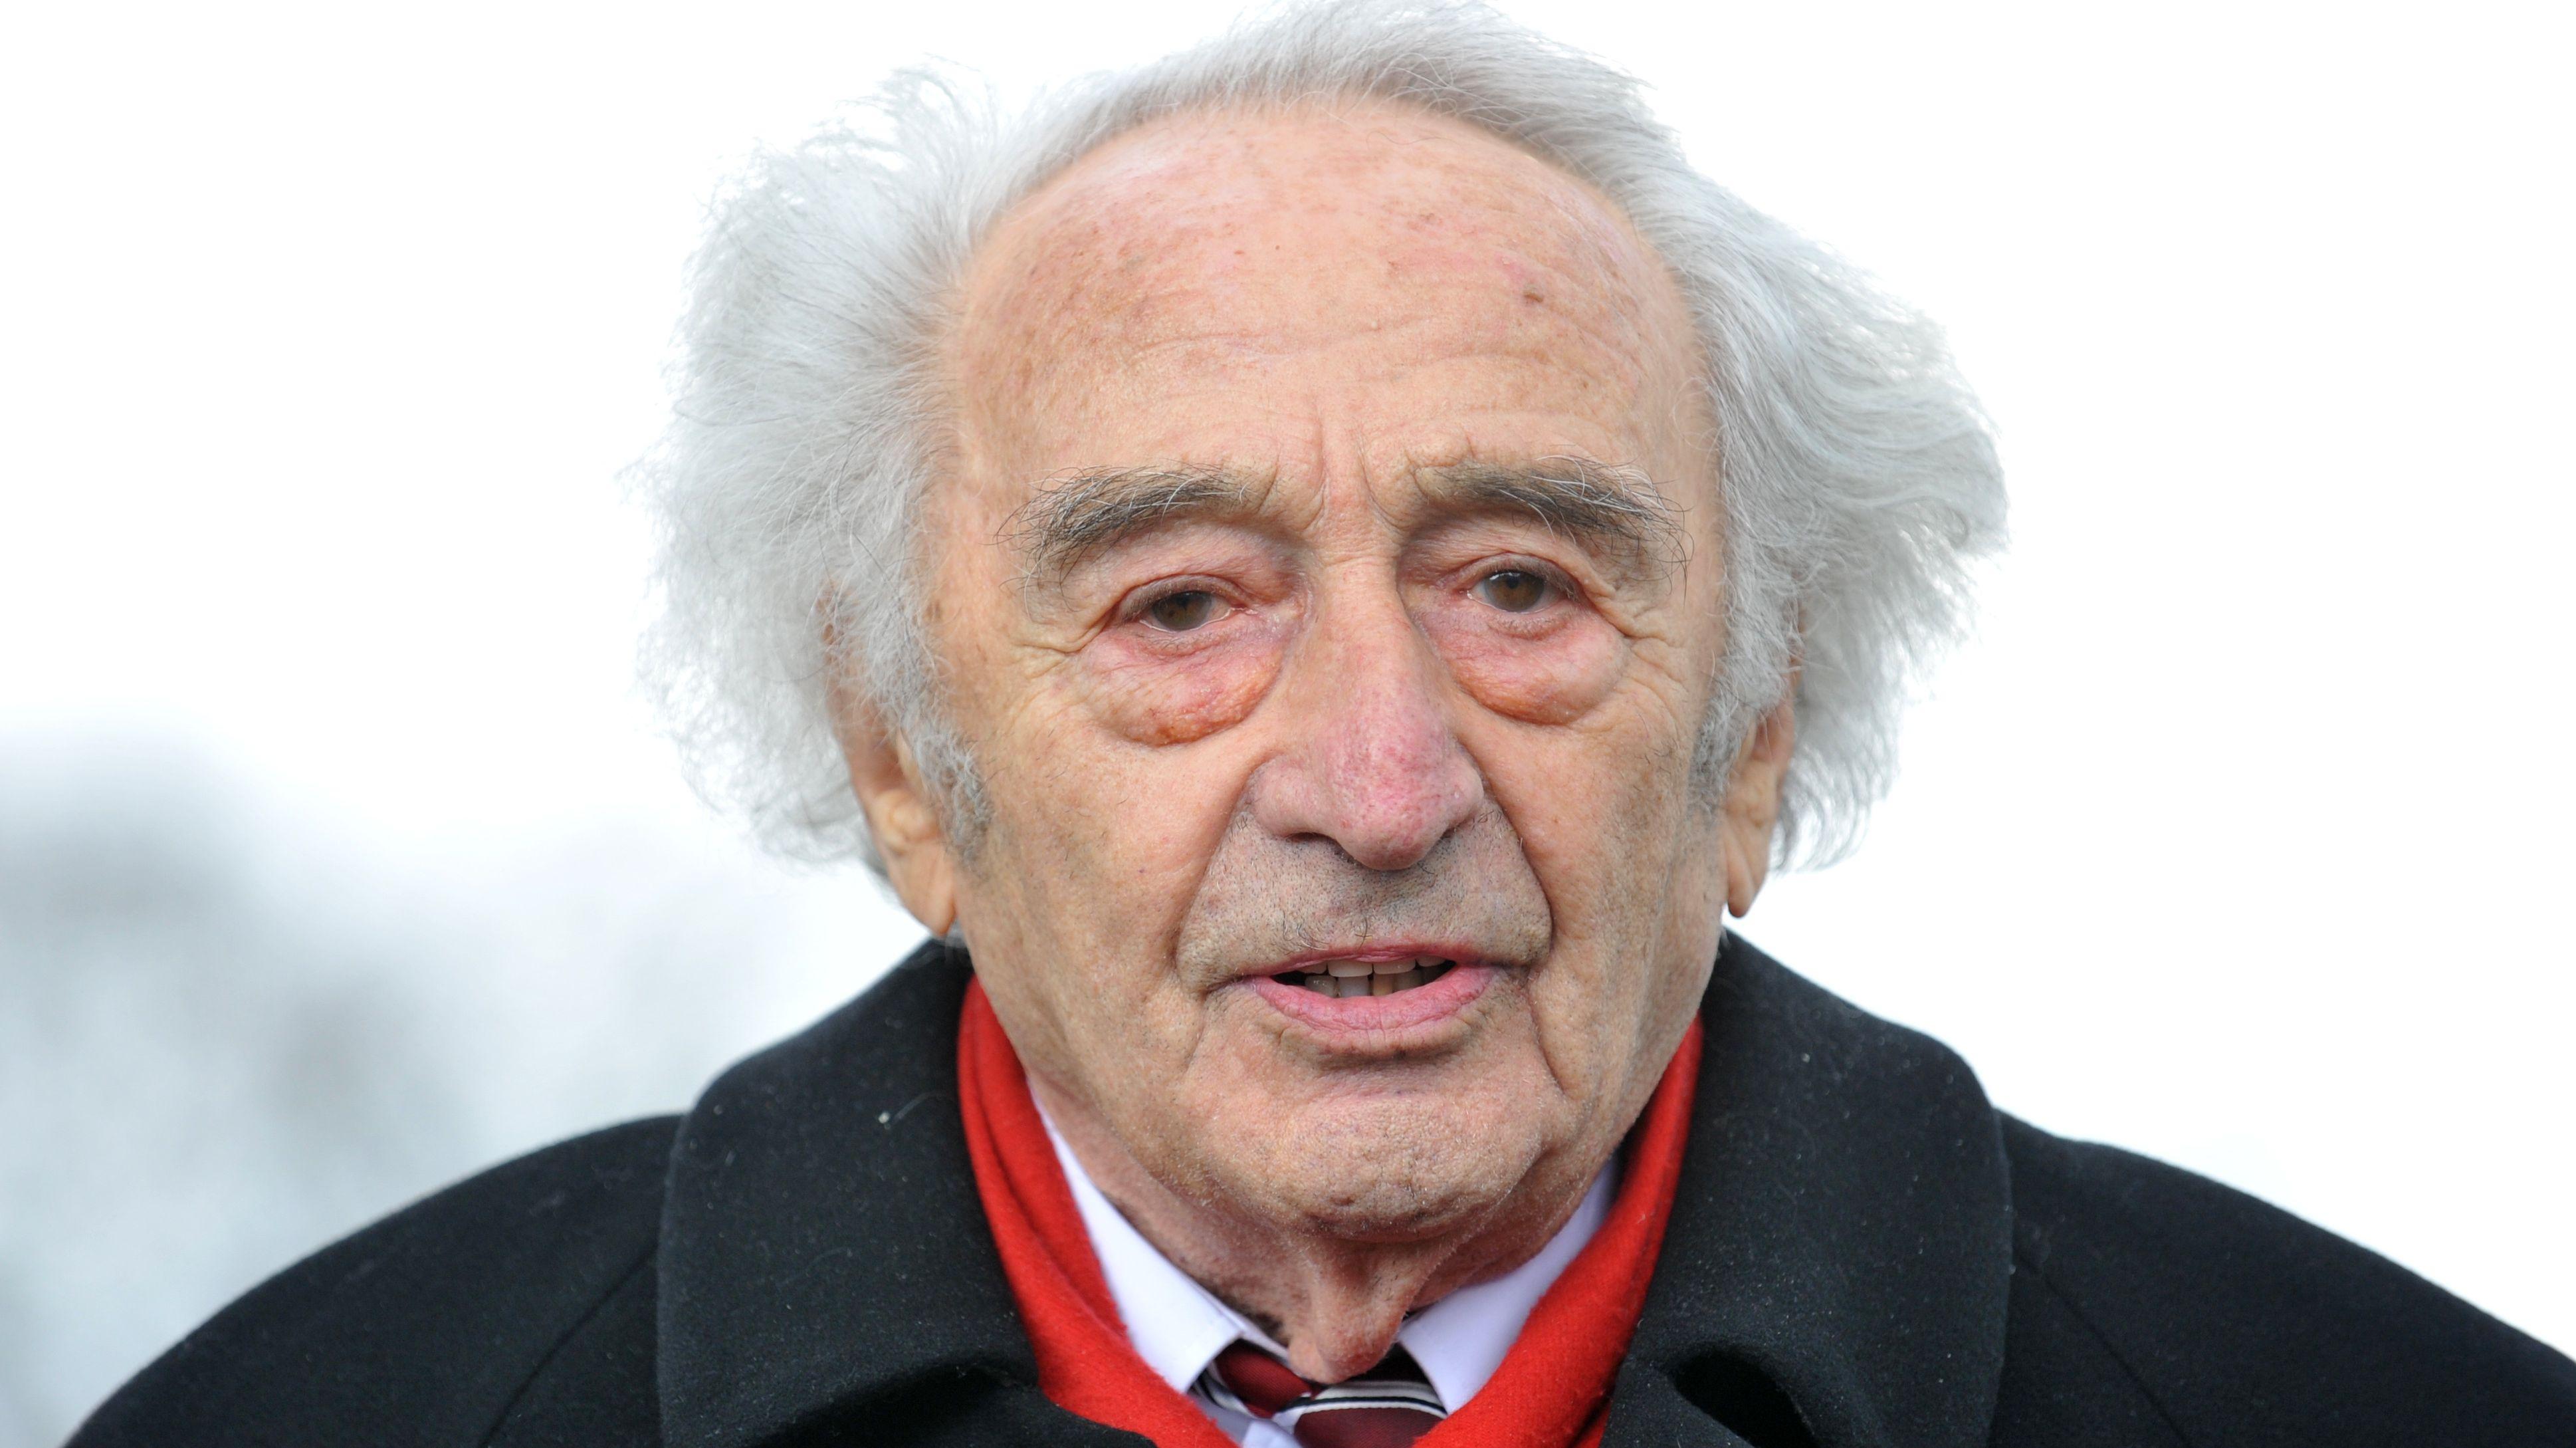 Porträtaufnahme von Max Mannheimer, er trägt einen schwarzen Mantel, Hemd, Krawatte und einen roten Schal.